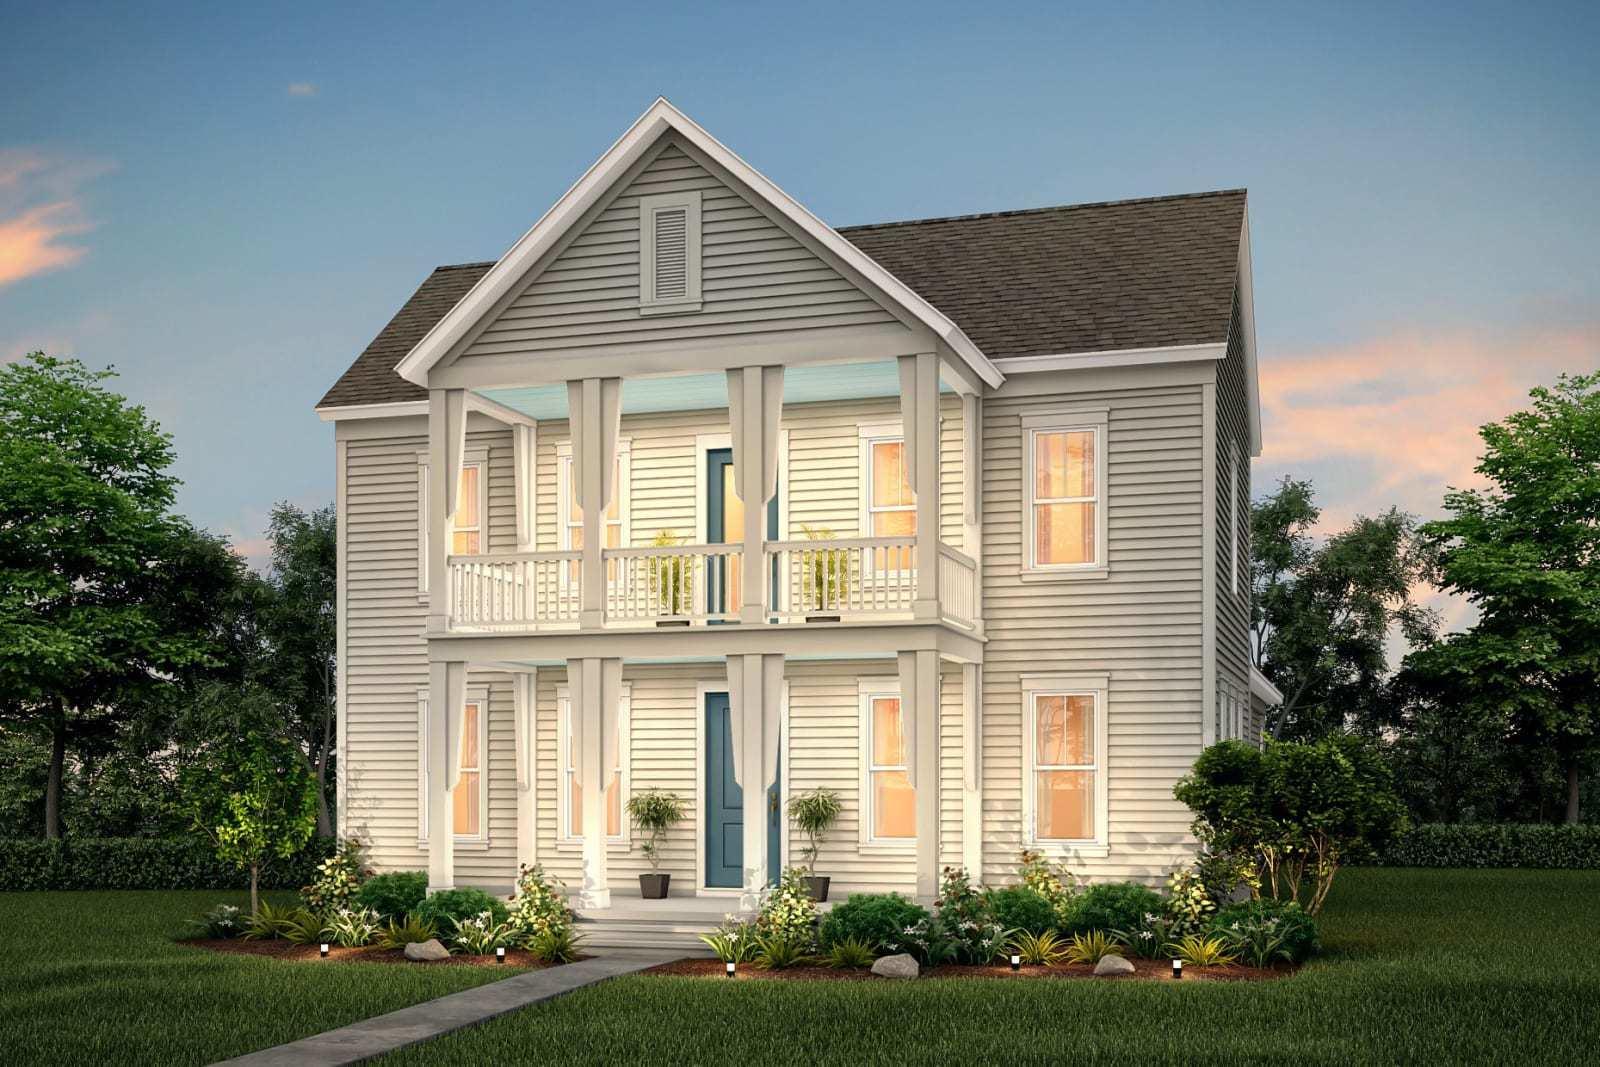 108 Backhurst Drive, Summerville, 29486, 4 Bedrooms Bedrooms, ,3 BathroomsBathrooms,For Sale,Backhurst,21019836